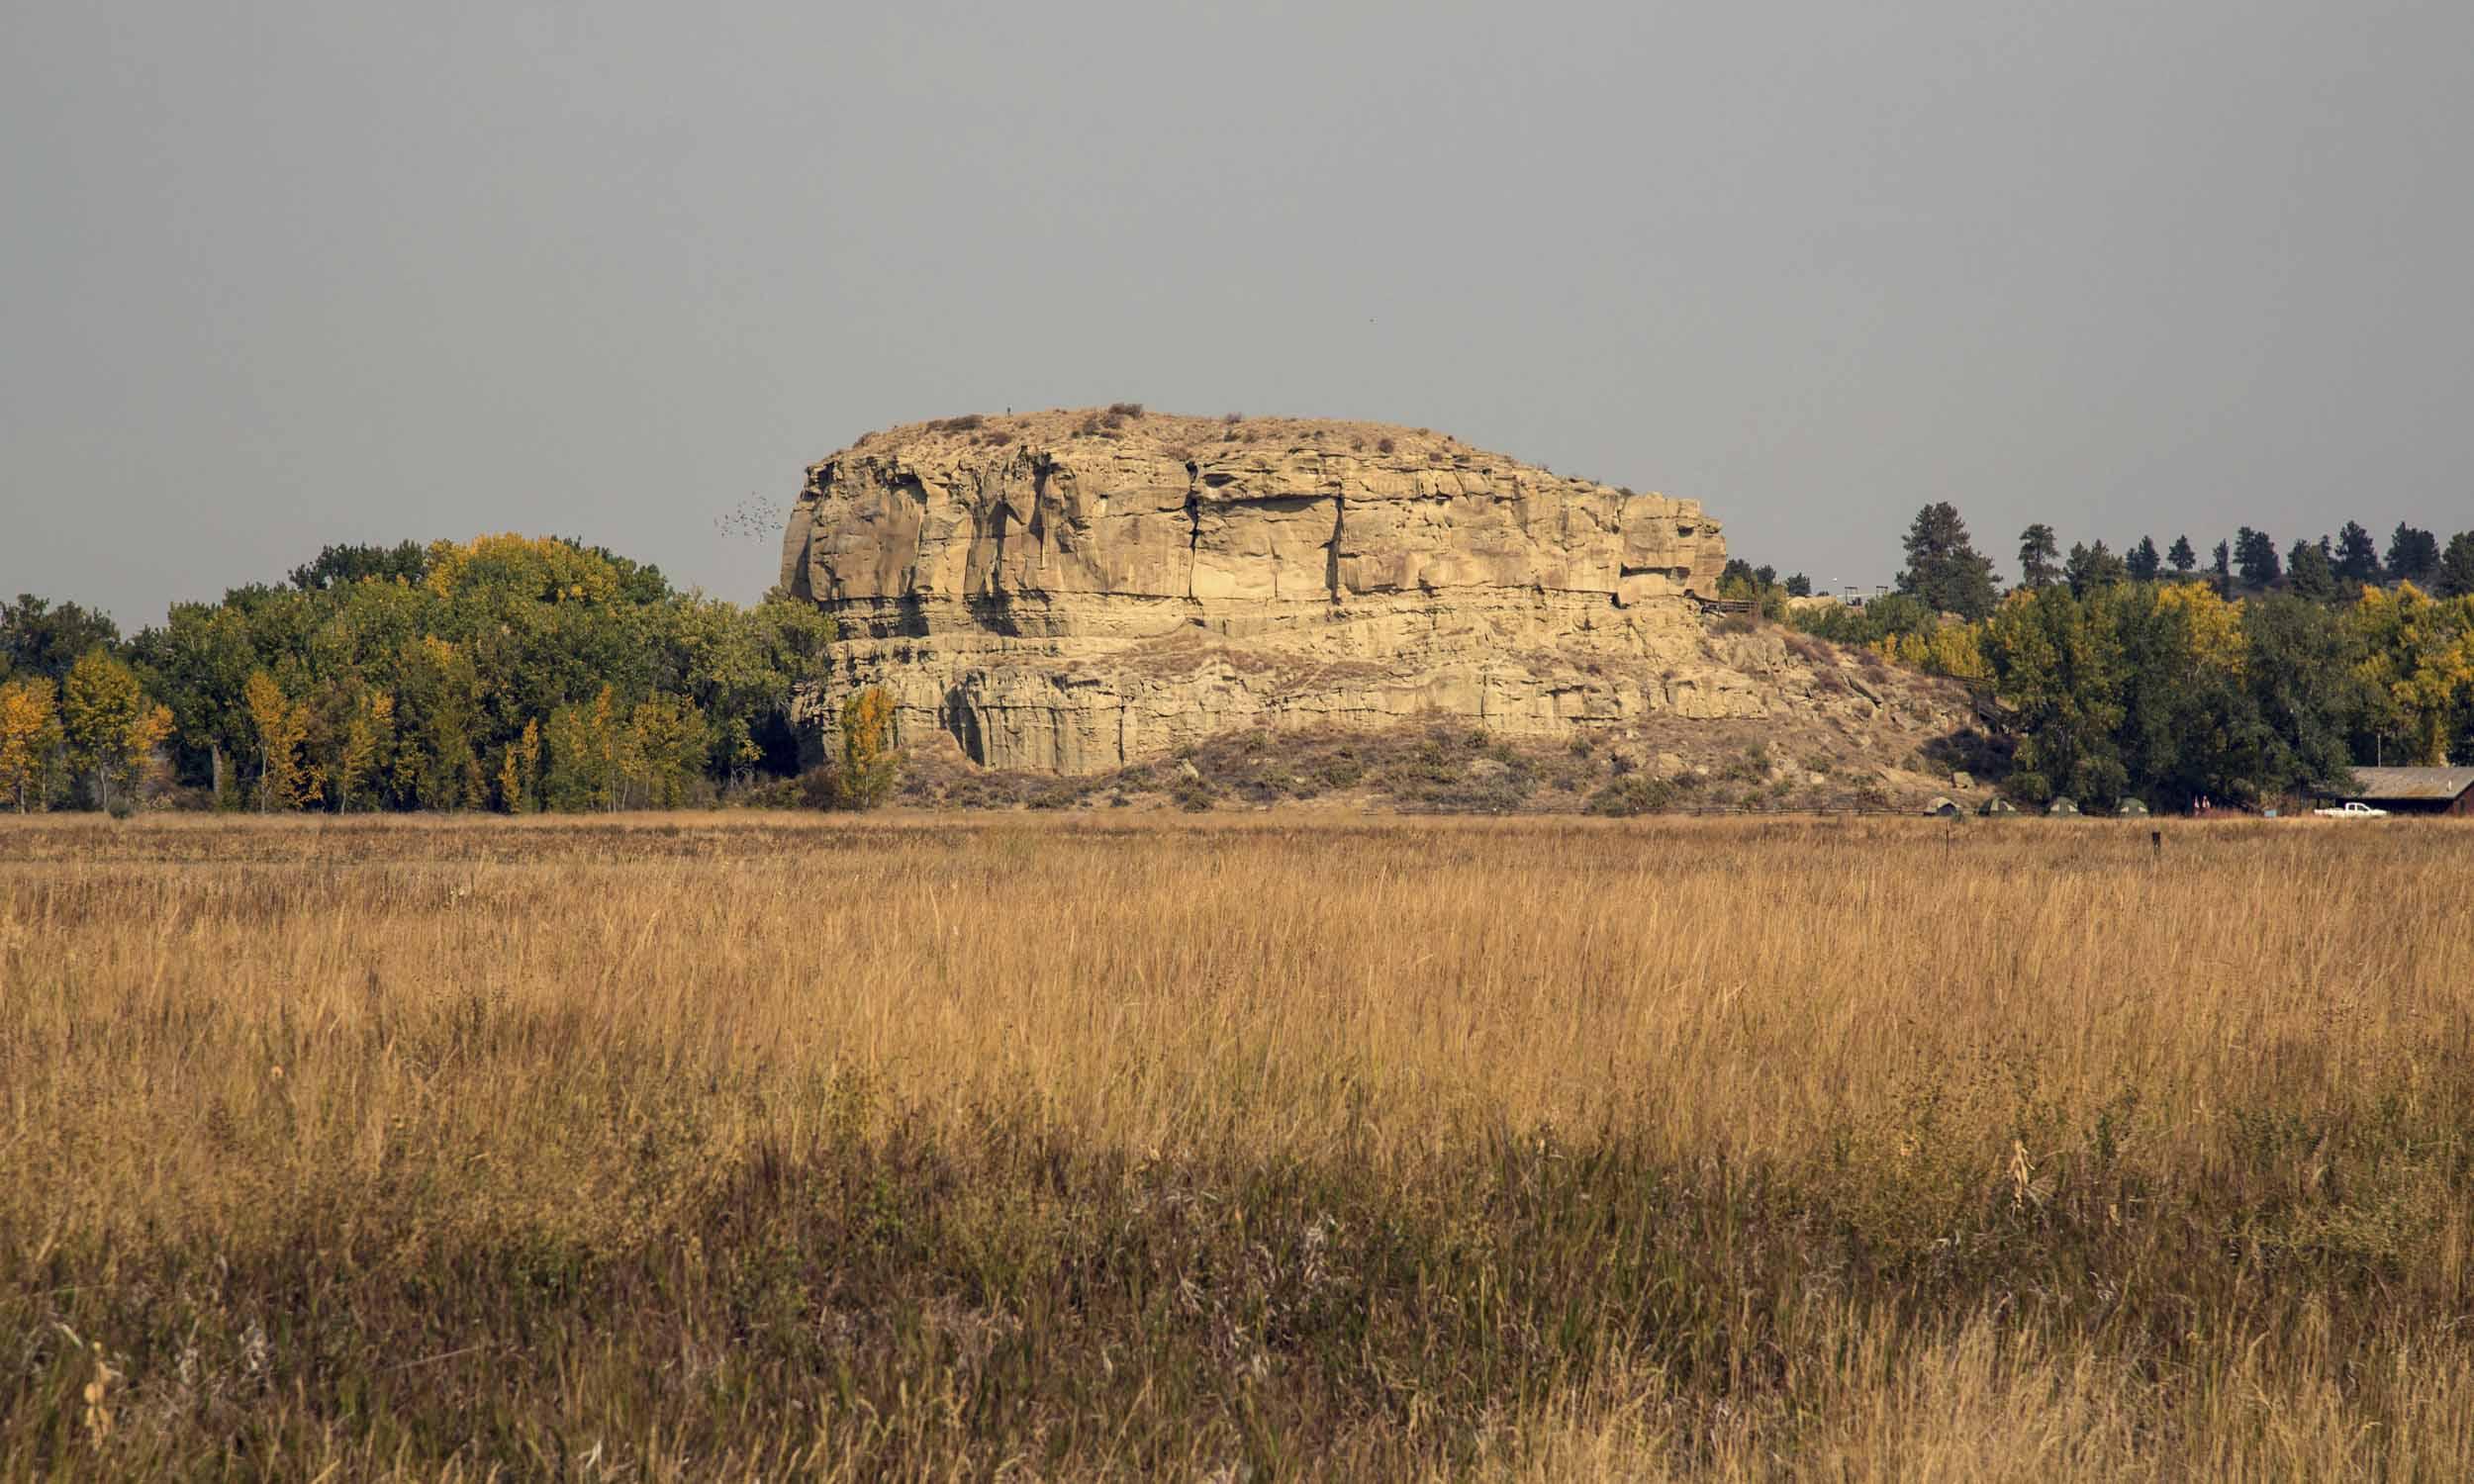 © Montana Bureau of Land Management_Public Domain